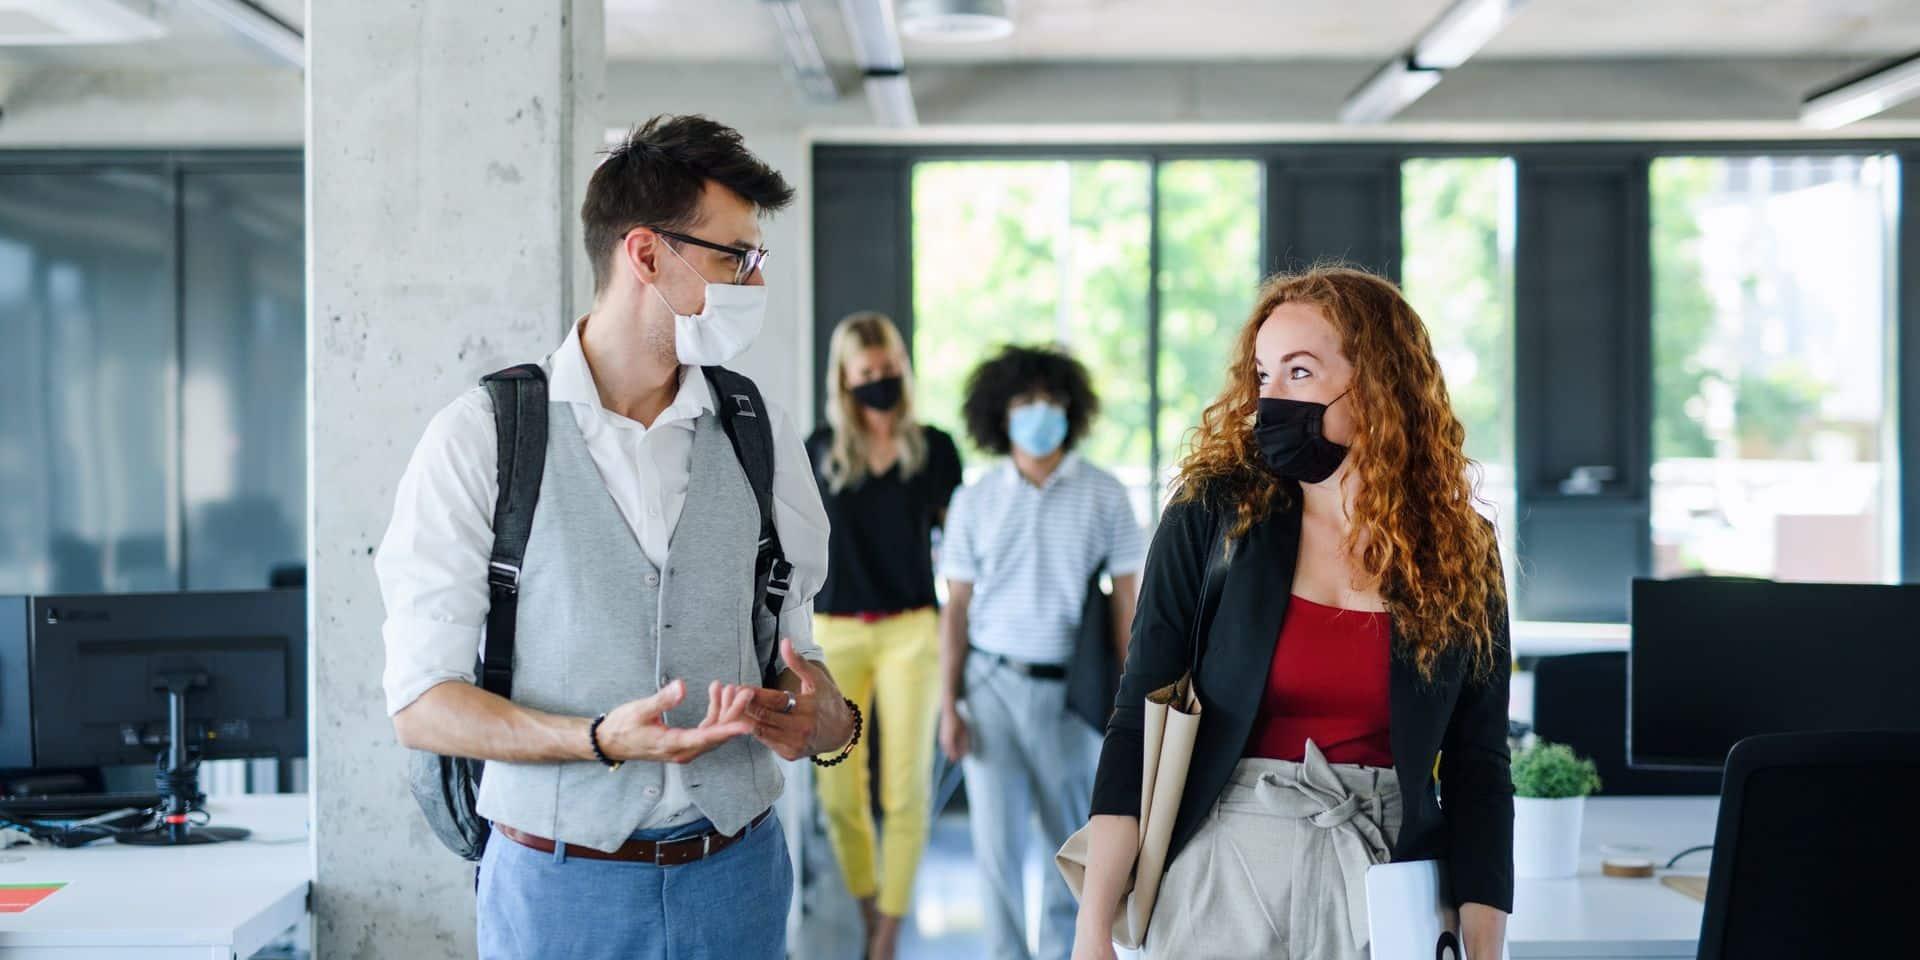 C'est officiel: la rentrée dans l'enseignement supérieur se fera à 100% en présentiel, mais avec masque